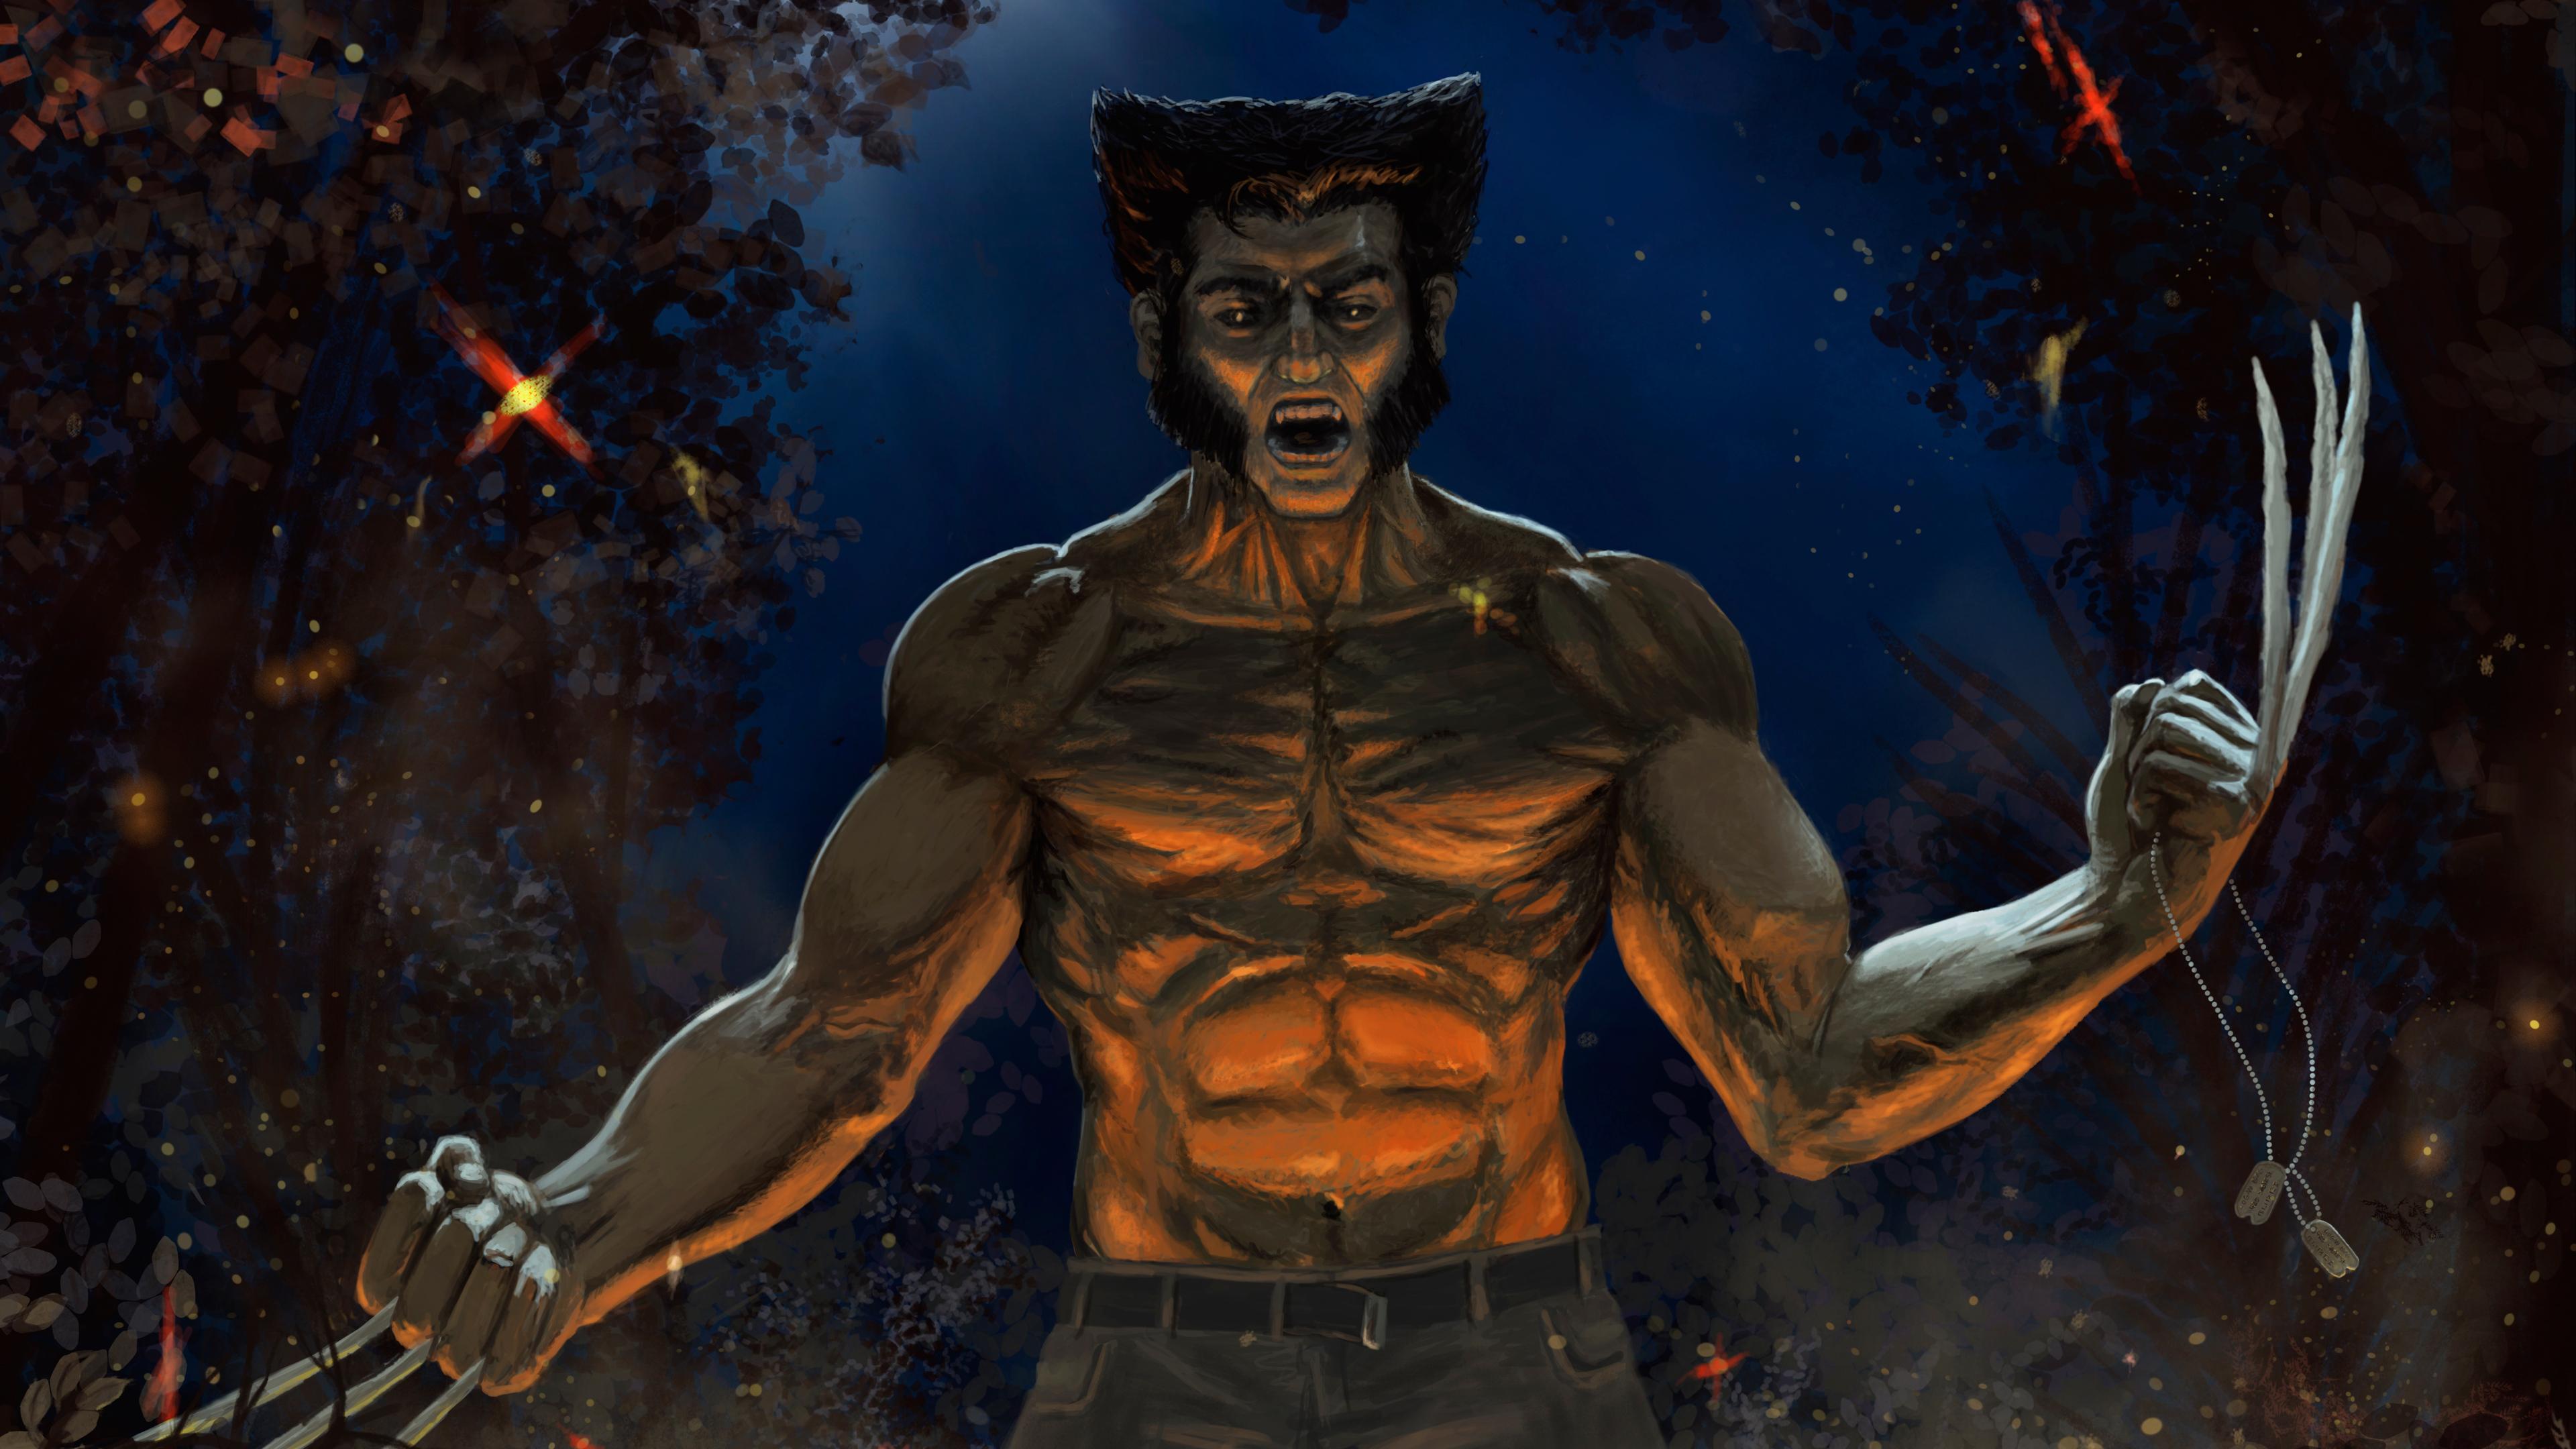 wolverine artwork 4k 1553071397 - Wolverine Artwork 4k - wolverine wallpapers, superheroes wallpapers, hd-wallpapers, artwork wallpapers, artist wallpapers, 5k wallpapers, 4k-wallpapers